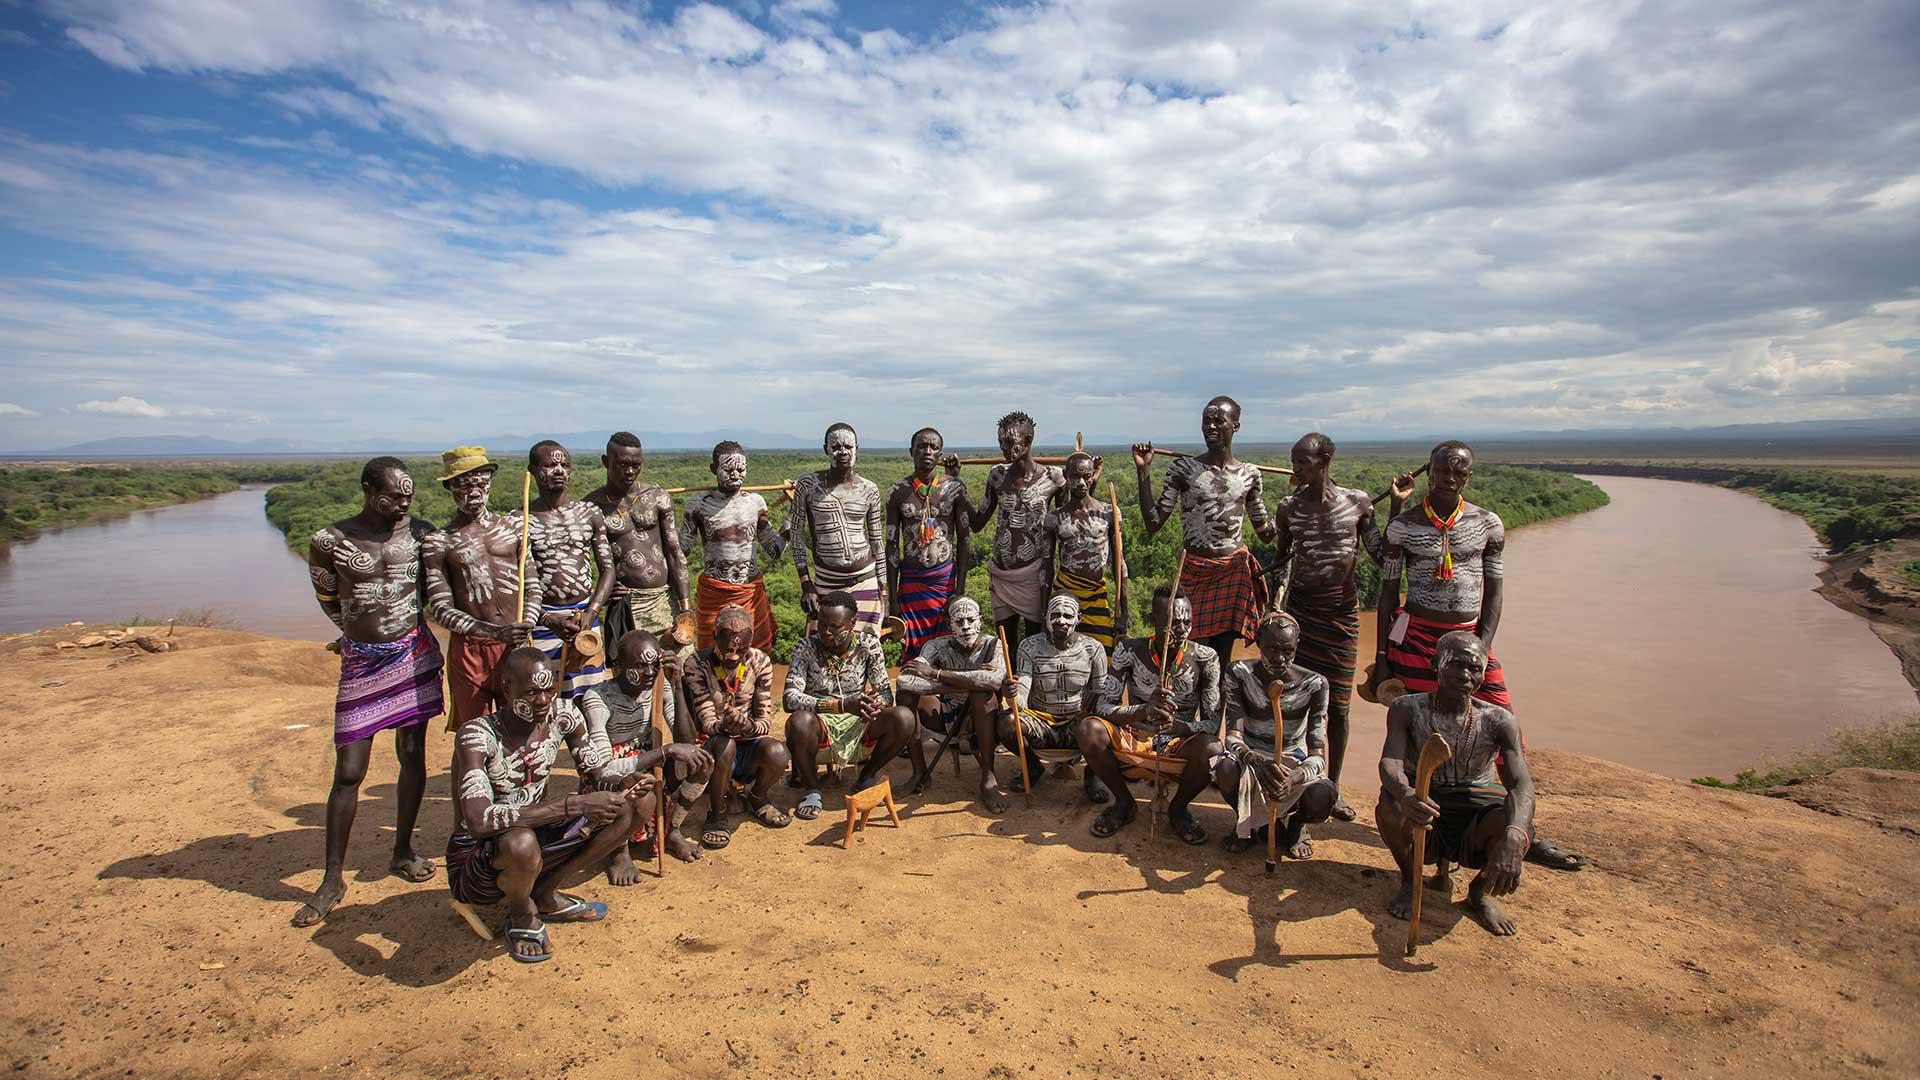 viaje-fotografico-etiopia-karo